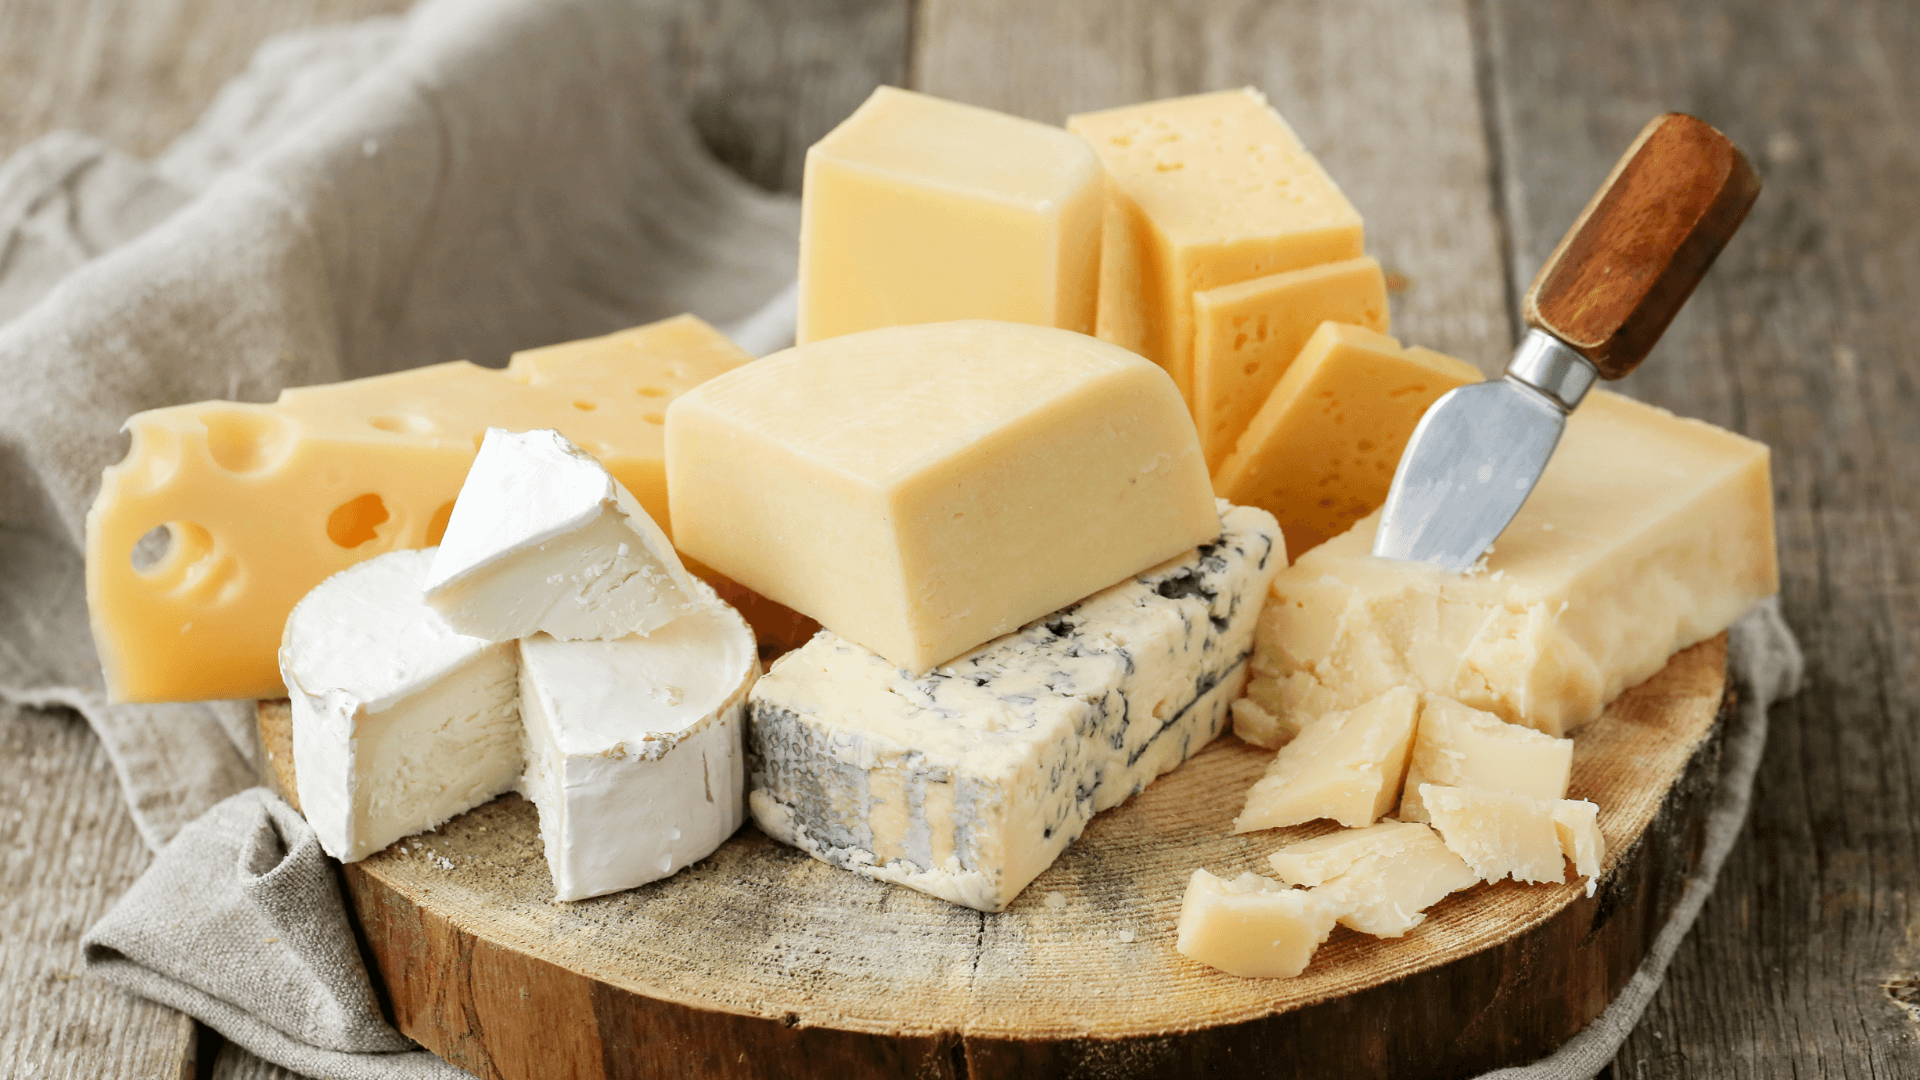 Balkanlardan Gelen En Özel Lezzet, Pule Peyniri